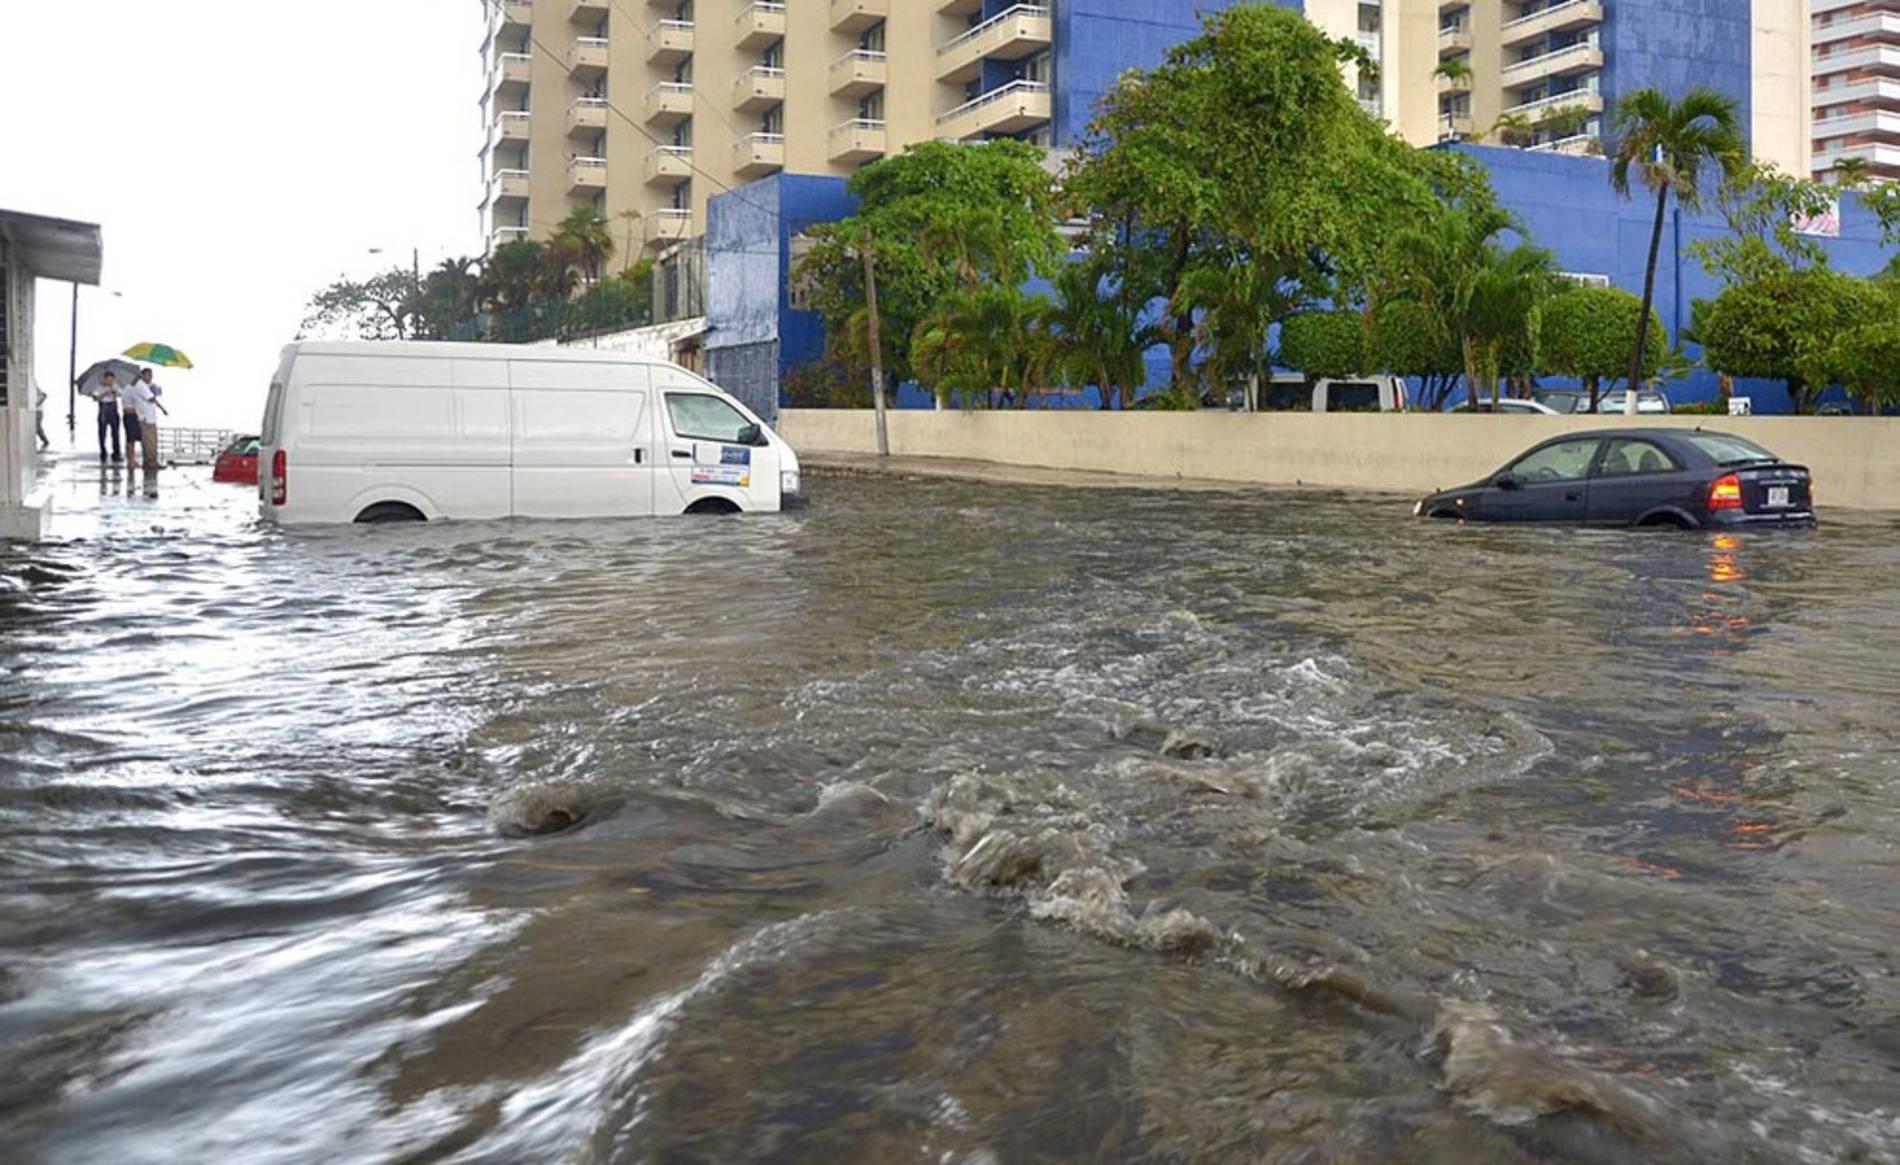 El ciclón 'Bárbara' se convirtió en tormenta tropical después de haber tocado tierra como huracán en el sur de México, pese a lo cual causó dos muertos en el estado sureño de Oaxaca.